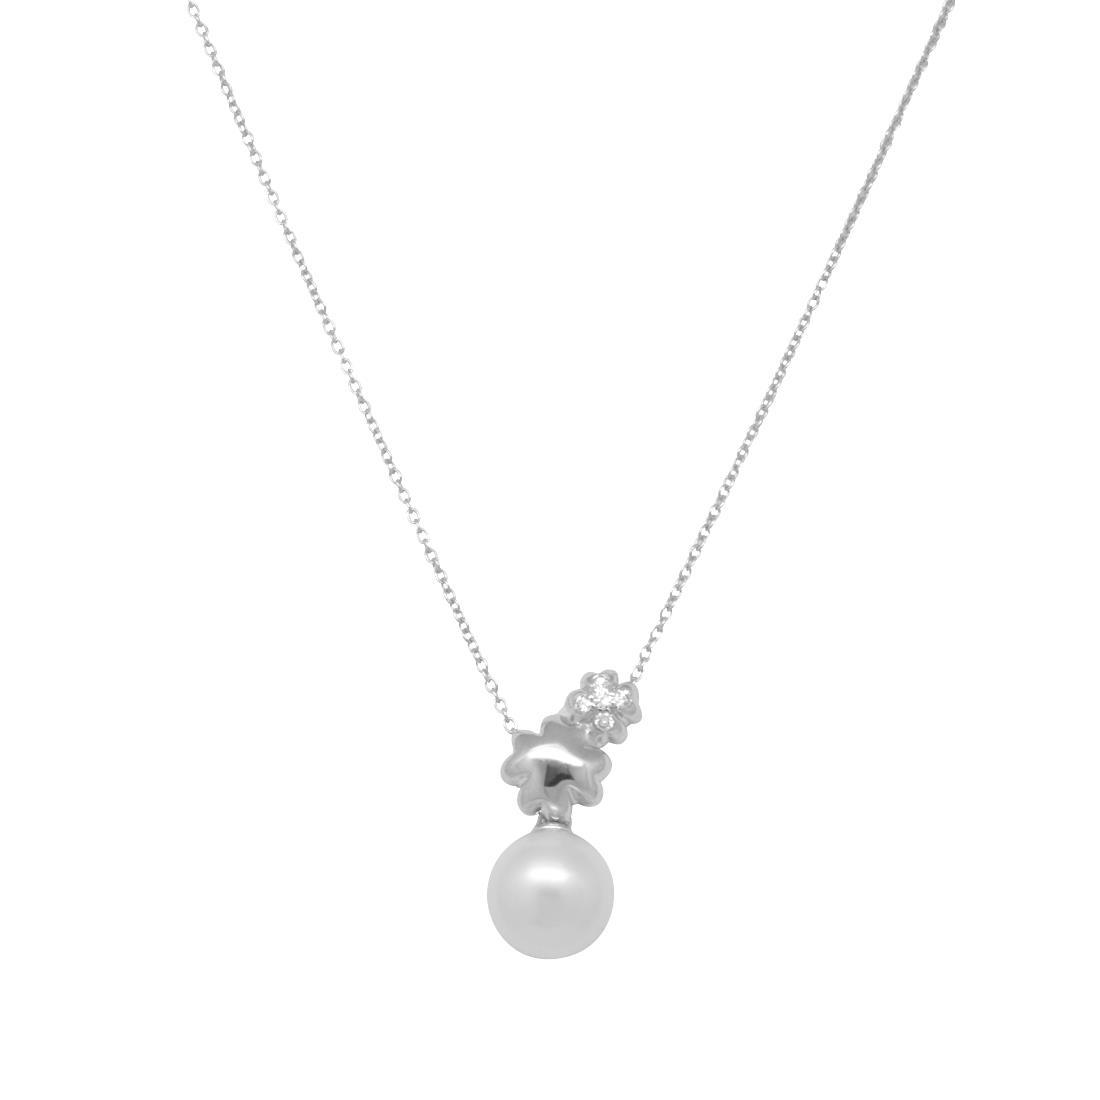 Collana in oro bianco con perla e diamante ct 0.03, lunghezza 42cm - BLISS